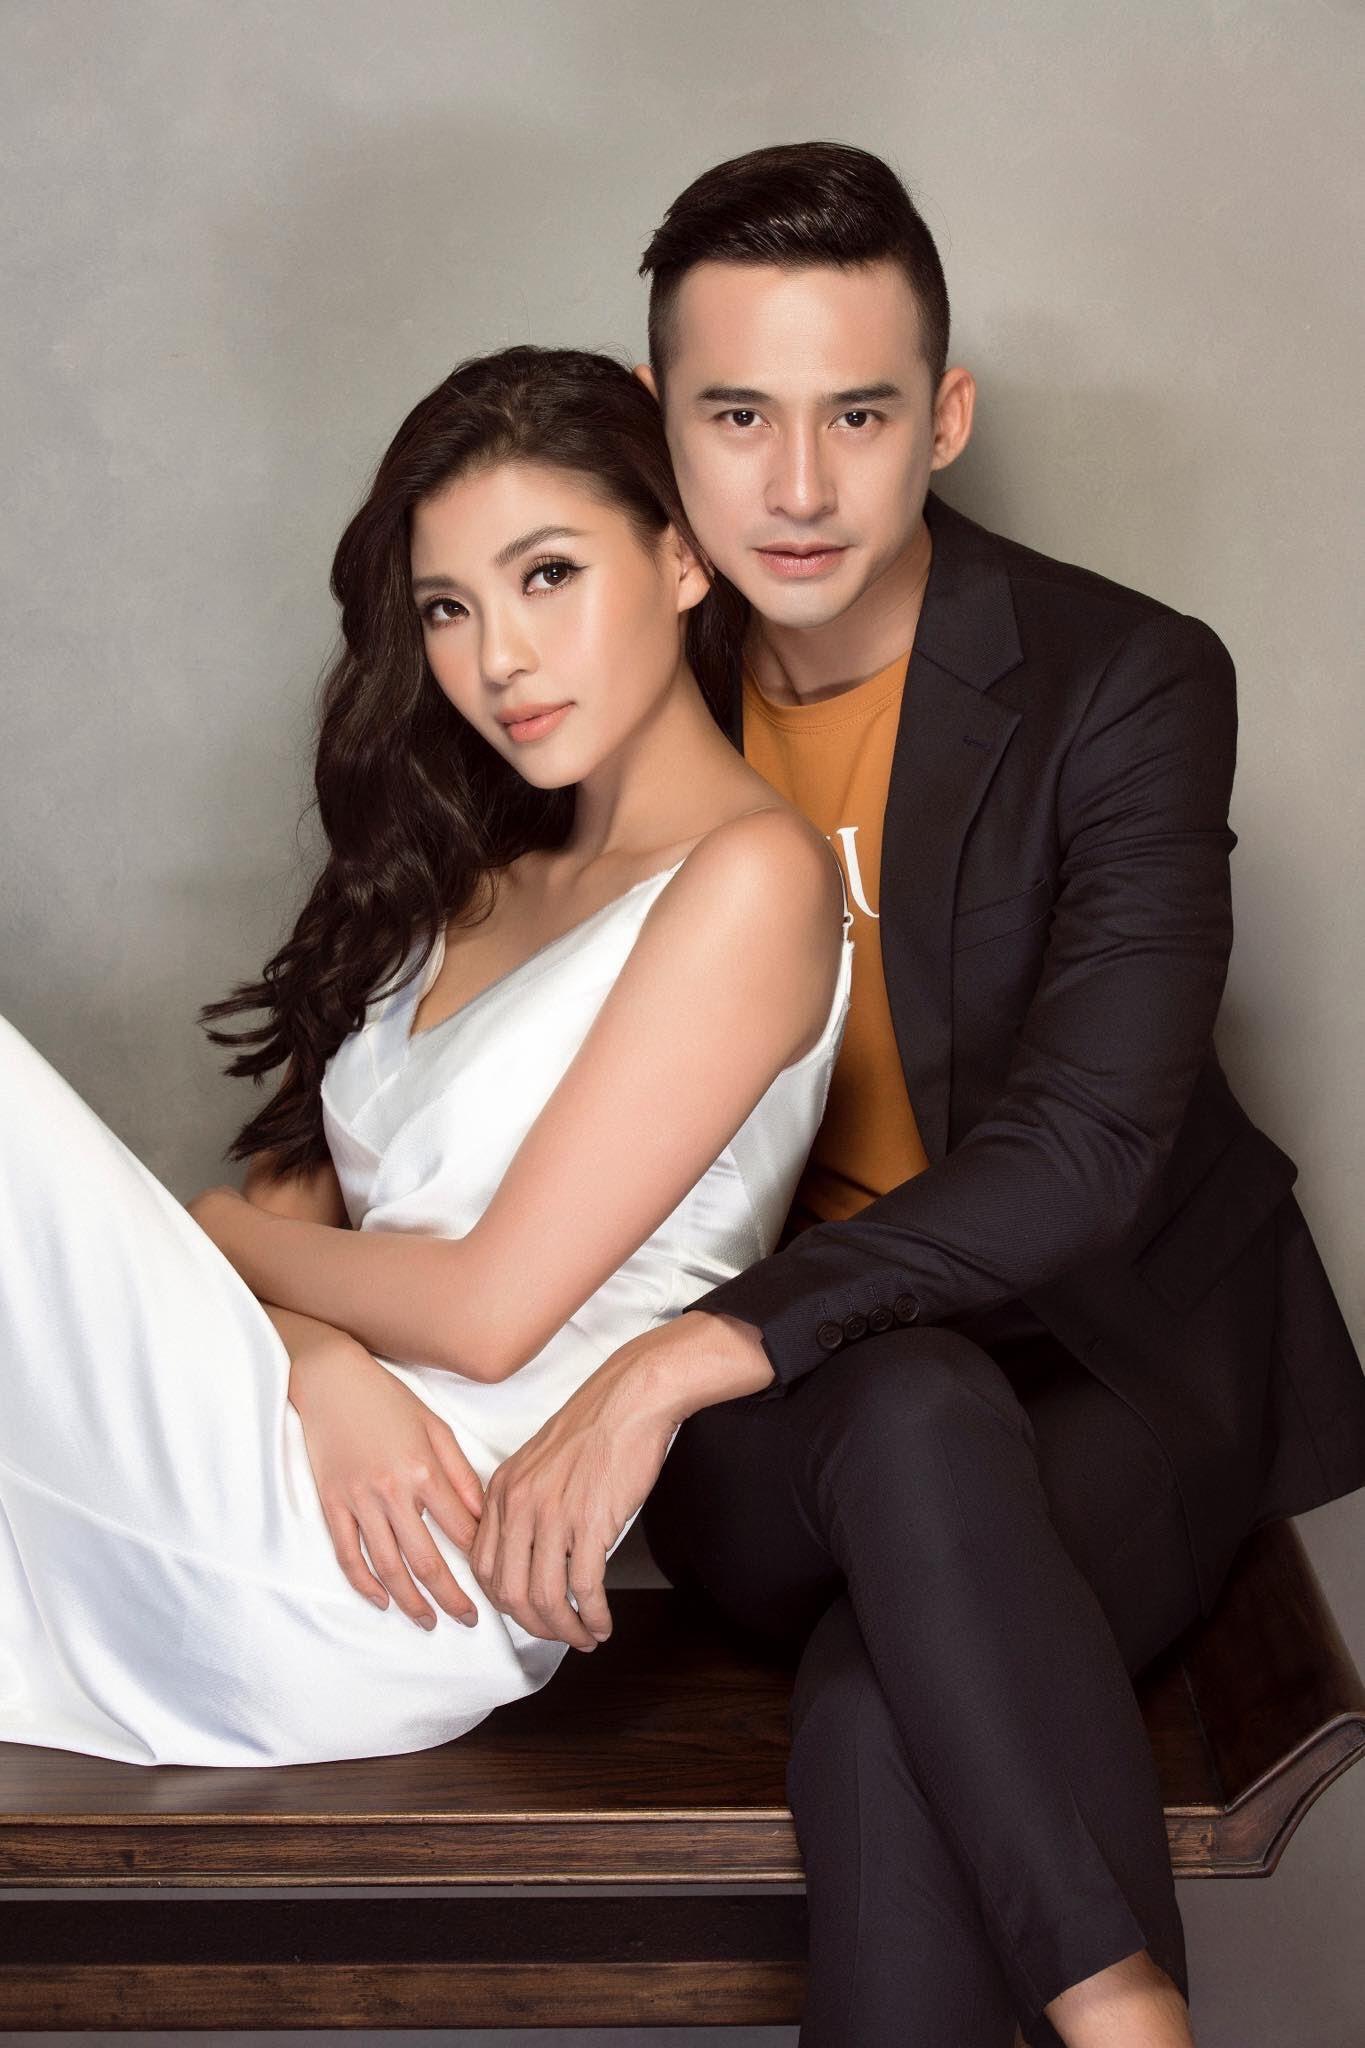 Chán chê đóng phim, vợ chồng Lương Thế Thành - Thuý Diễm lần đầu ngồi ghế nóng đấu trường nhan sắc - Ảnh 1.